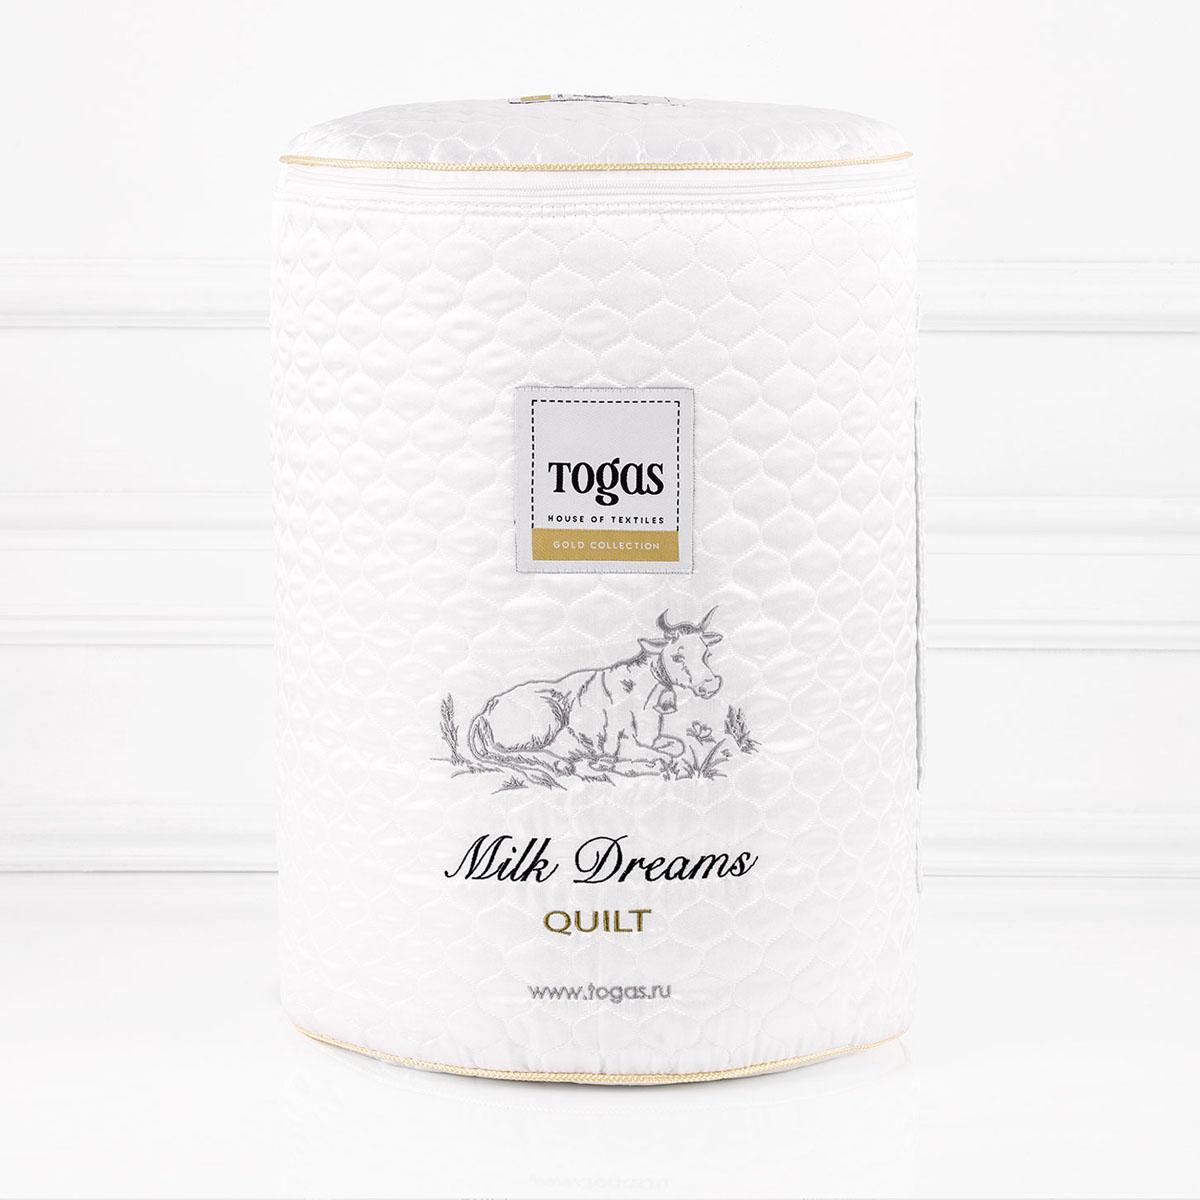 Милк Дримс одеяло 220х240 вес: 200гр/м2531-103остав: чехол - 100% модал-жаккард; наполнитель - молочное волокно, саше: запах лаванды.Степень тепла: всесезонноеДетали: одеяло кассетное, классический крой, двойная отстрочка, окантовка фиолетовым шнуром, наполнитель - молочное волокно .Цвет: белый.Размер: 220x240. 1 предмет.Уход: Возможна сухая химическая чистка с использованием исключительно химических чистящих средств, содержащих углеводород, бензин, хлорный этилен или монофтортрихлорметан, либо щадящая стирка при температуре 40 °С. После стирки одеяло необходимо расположить на ровной горизонтальной поверхности и оставить до полного высыхания. Одеяло МИЛК ДРИМС.Молочные или белковые волокна - это текстильный наполнитель, который производят путем полимеризации белков казеина , входящих в состав молока. Они характеризуются своей мягкостью, отличными теплоизоляционными свойствами, а по показателям гигроскопичности даже превосходит шерсть. Белковые волокна считаются экологически чистыми и полезными для здоровья. Содержат естественный увлажнитель, который смягчает кожу, и незаменимые аминокислоты , продлевающие молодость, обладают гипсаллергенными свойствами, а также прекрасно впитывают влагу и оказывают антибактериальное воздействие. Чехол данного изделия сделан из модала- ткани , производимой из натуральной древесной целлюлозы Саше с ароматом лаванды , прикрепленное по Вашему желанию внутри подушки или одеяла , поможет Вам расслабиться после дневных забот, напоминая о душистых полях, согретых летним солнцем. Наполнитель: молочное волокно, Чехол: 100% модал-жаккард, саше: запах лаванды1 одеяло 220х240Вид принта: однотонный